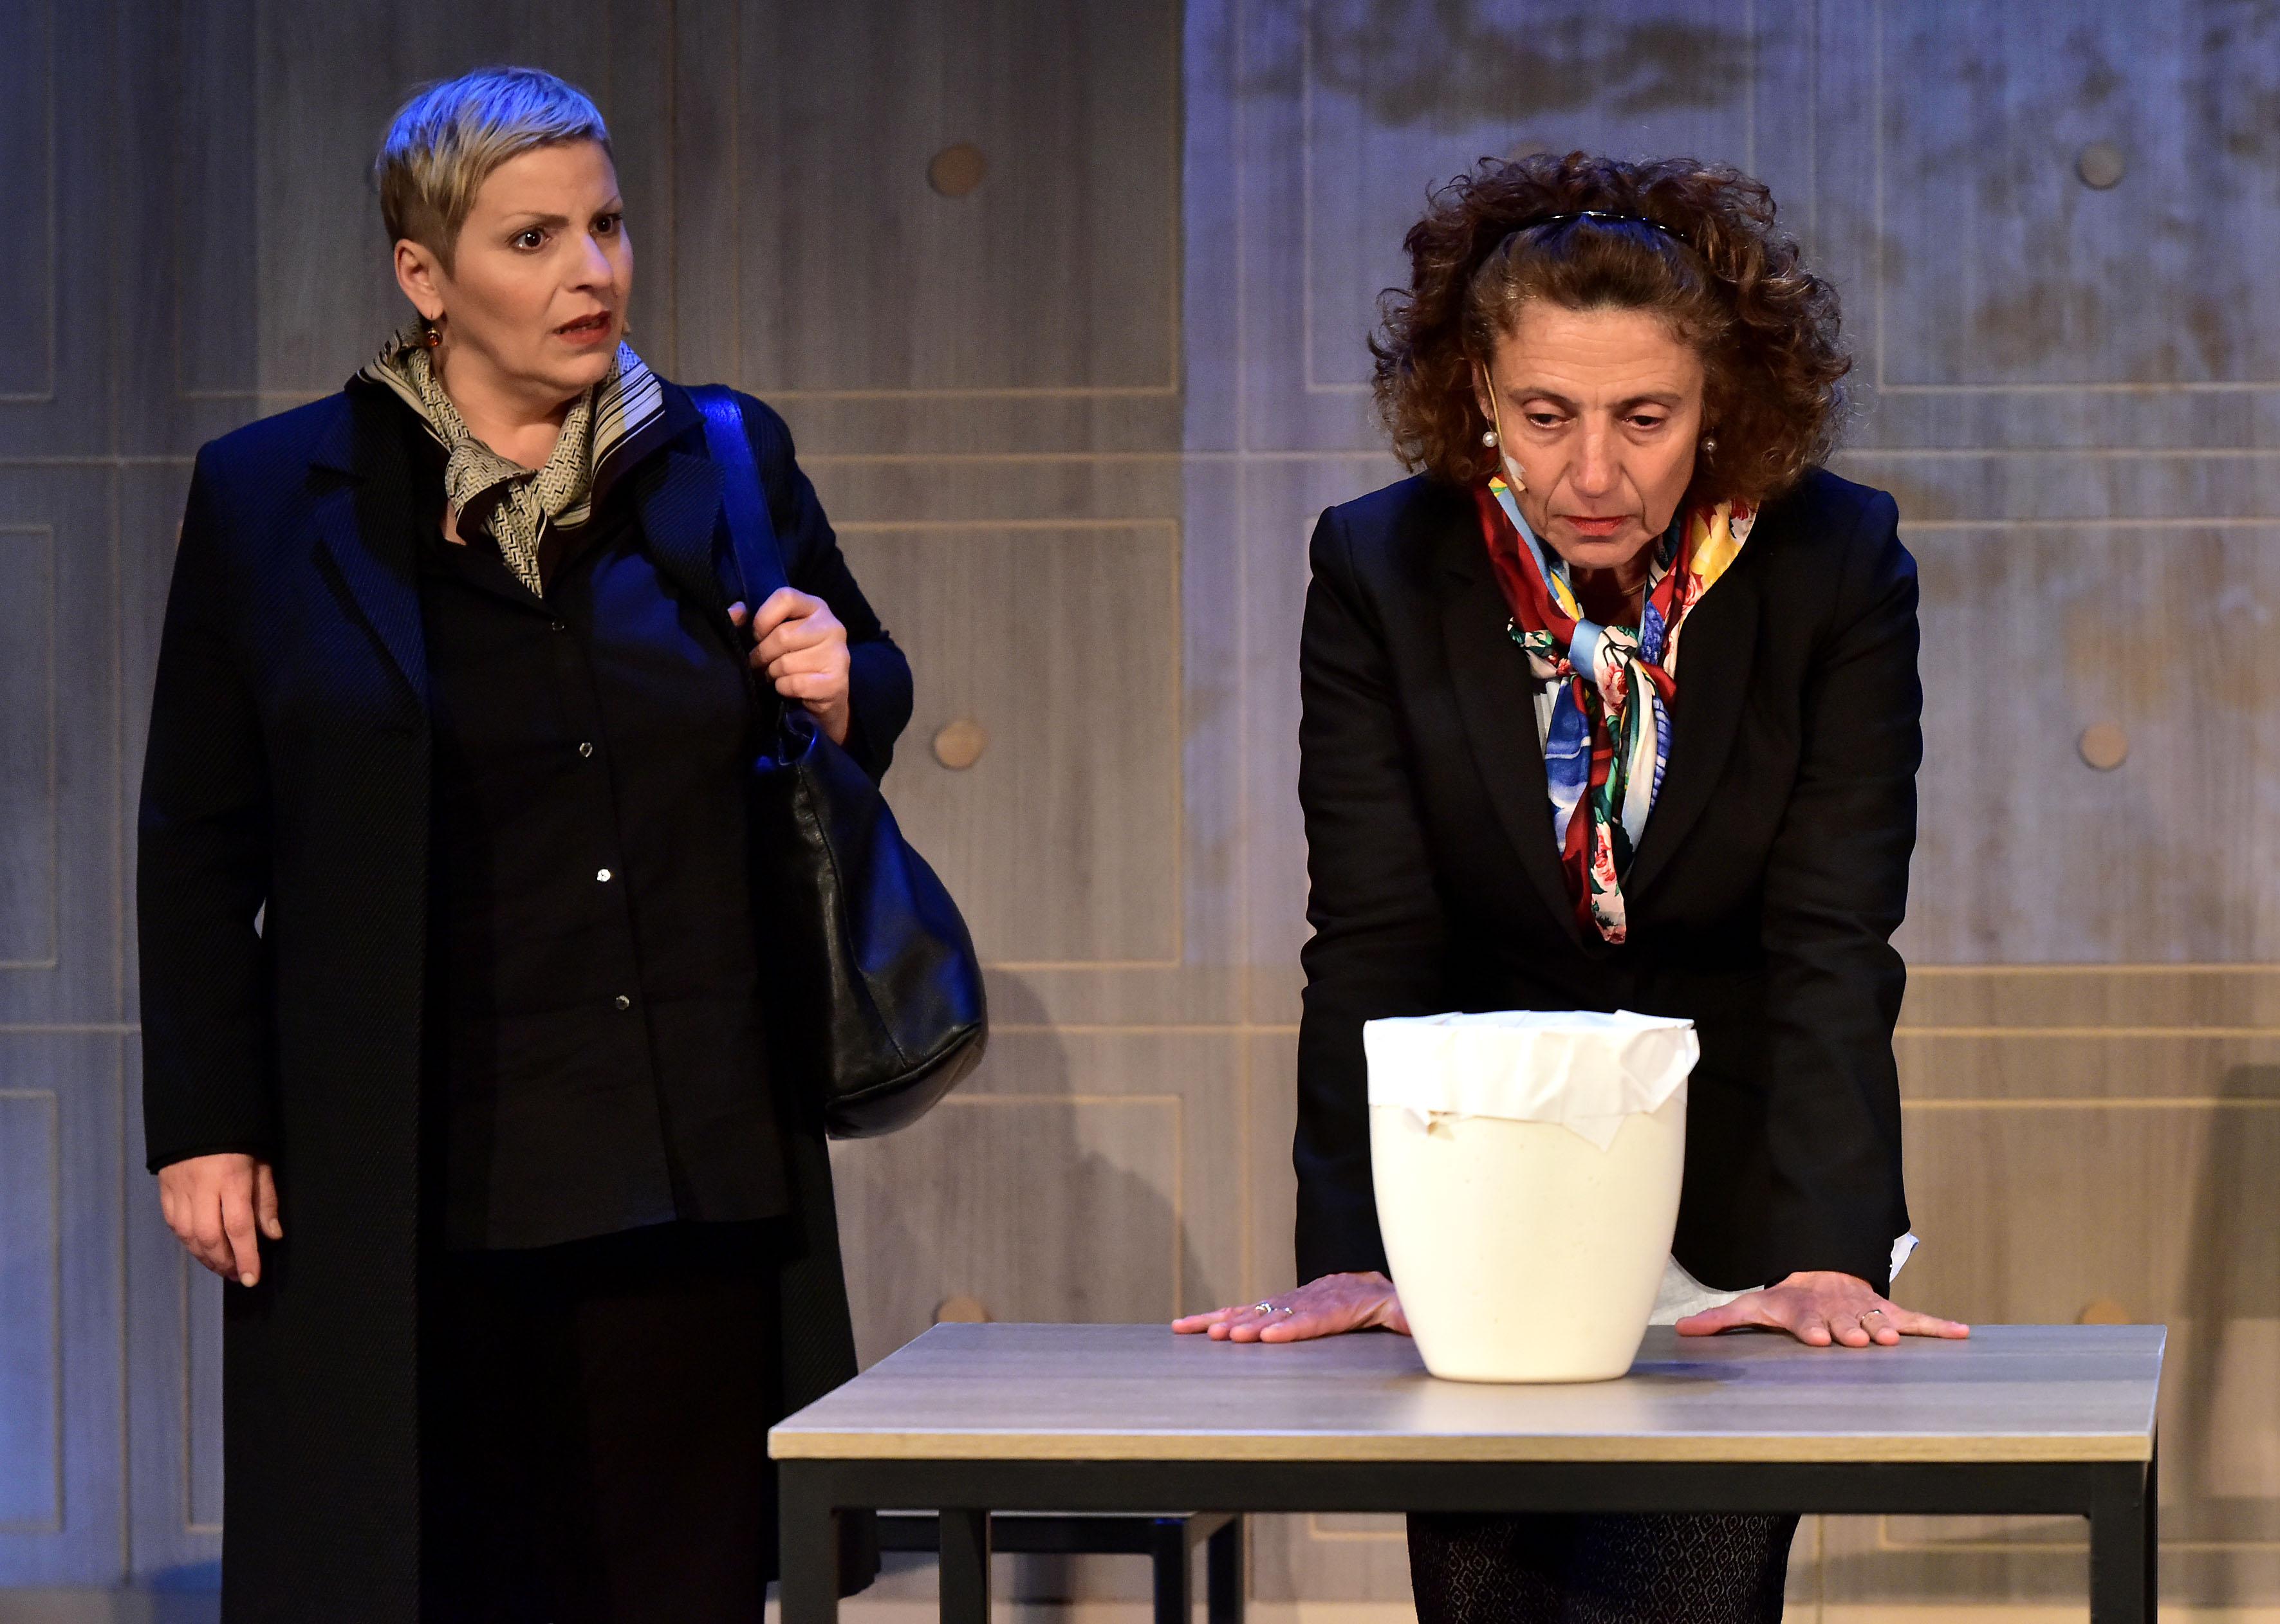 Amara terra mia - Daniela Morozzi und Adriana Altaras- Foto Rainer Kruse